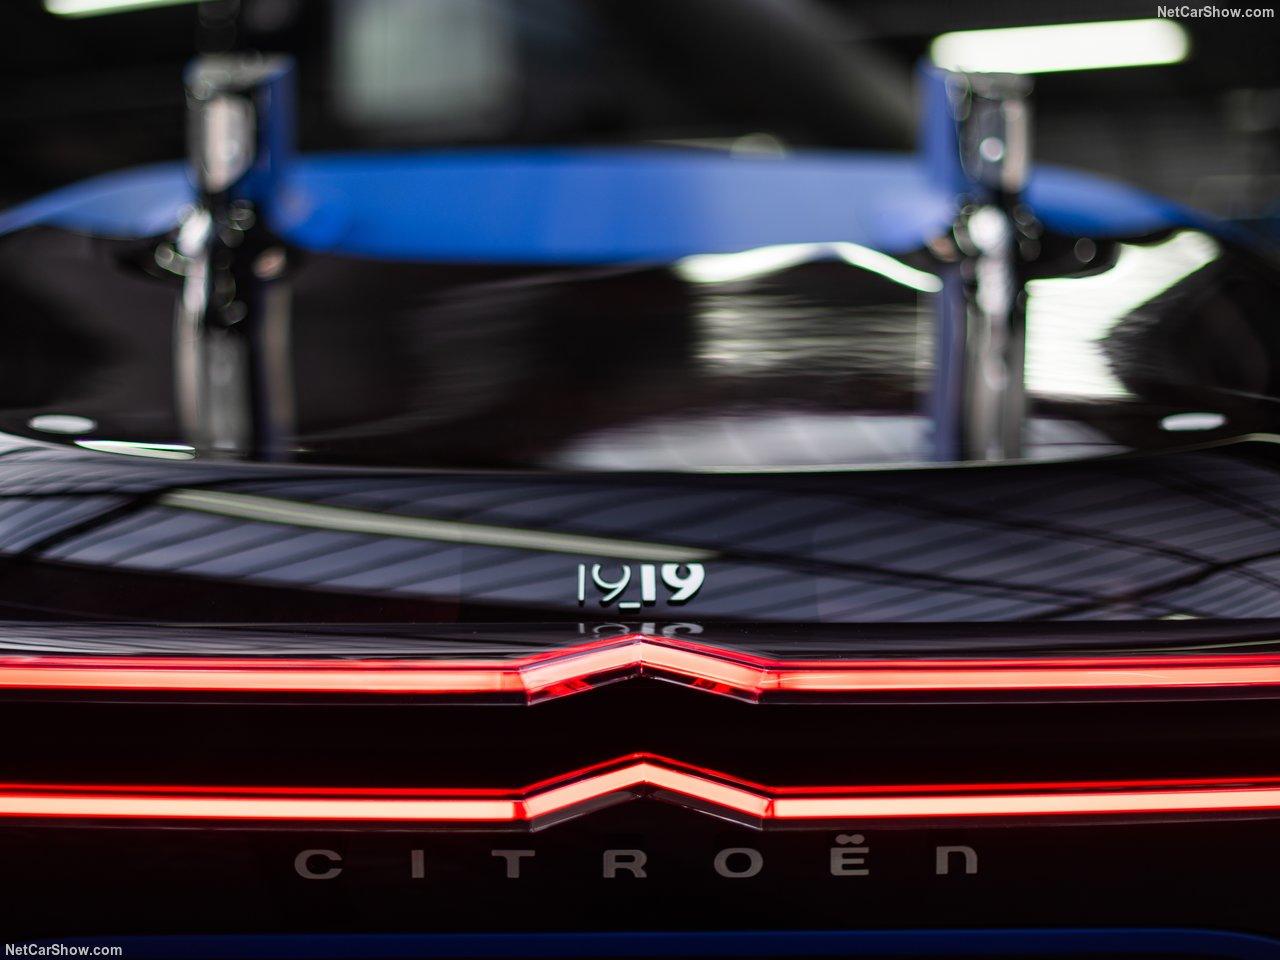 Citroen-19_19_Concept-2019-1280-2f